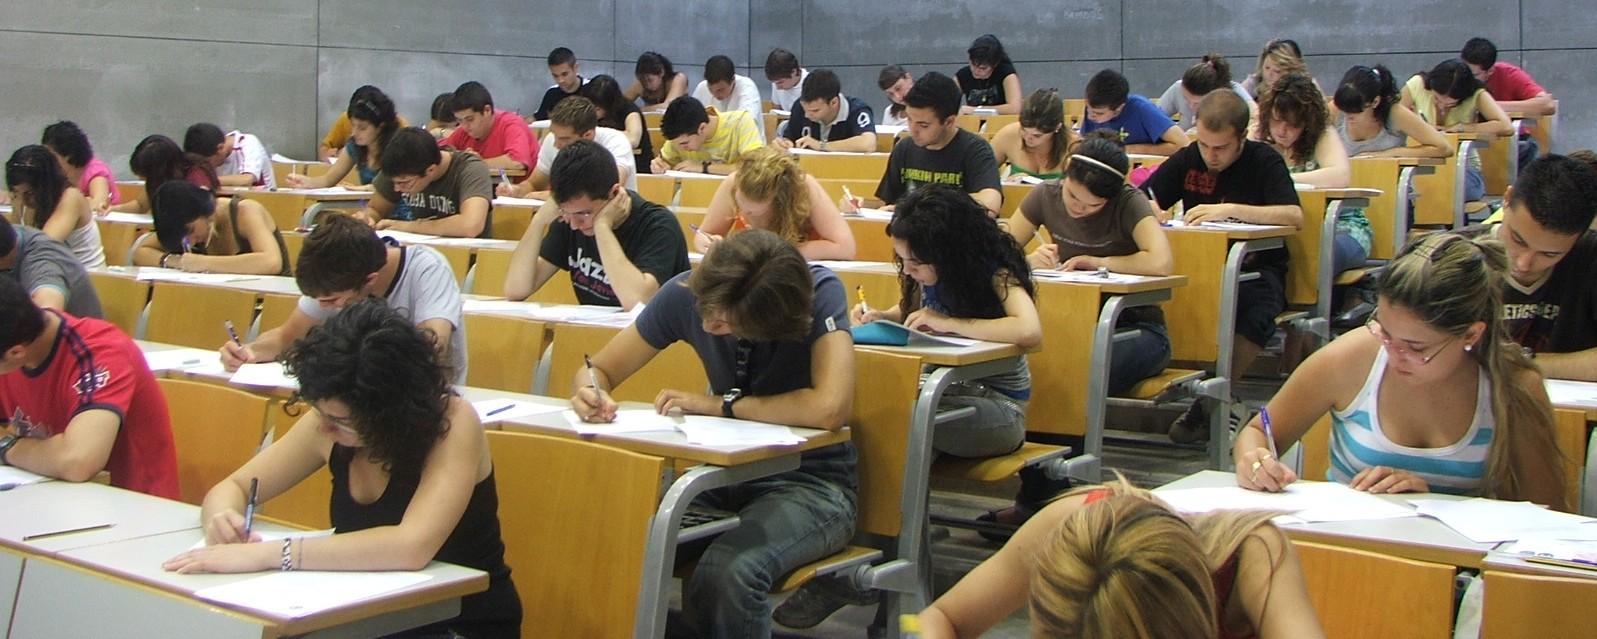 Resultado de imagen de alumnos haciendo examen